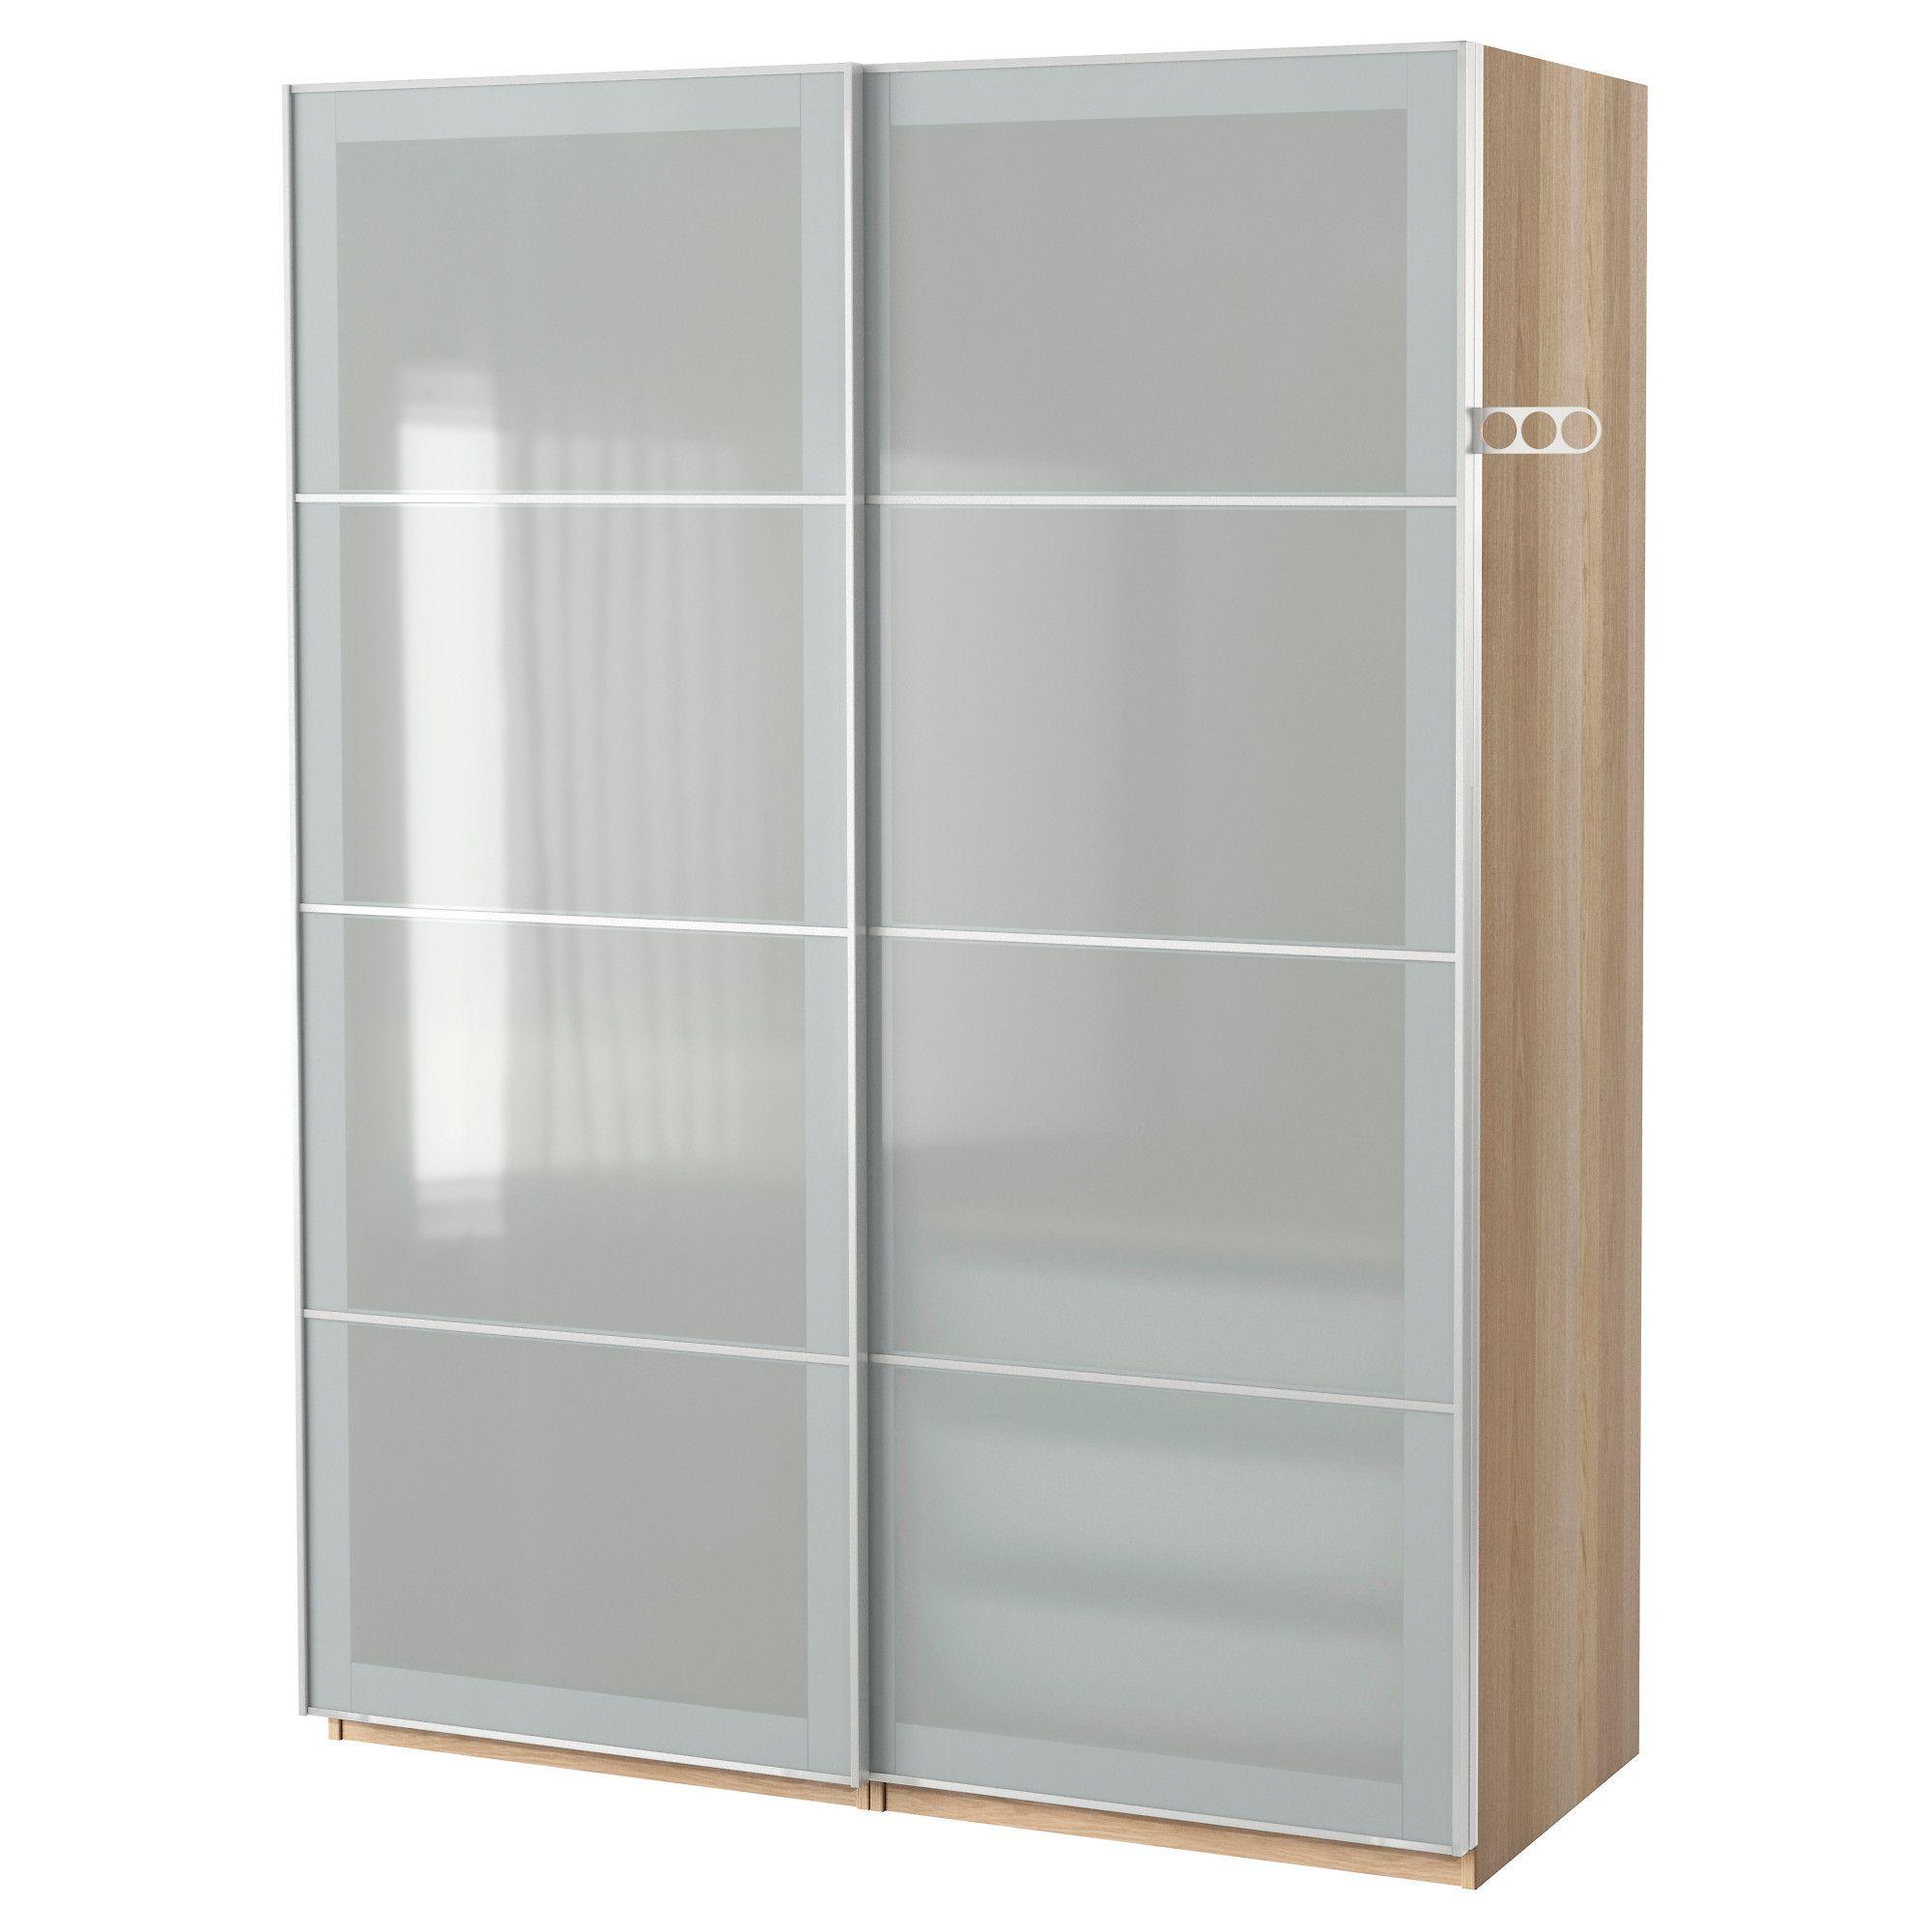 Armadio Metallico Esterno Ikea armadi in metallo ikea